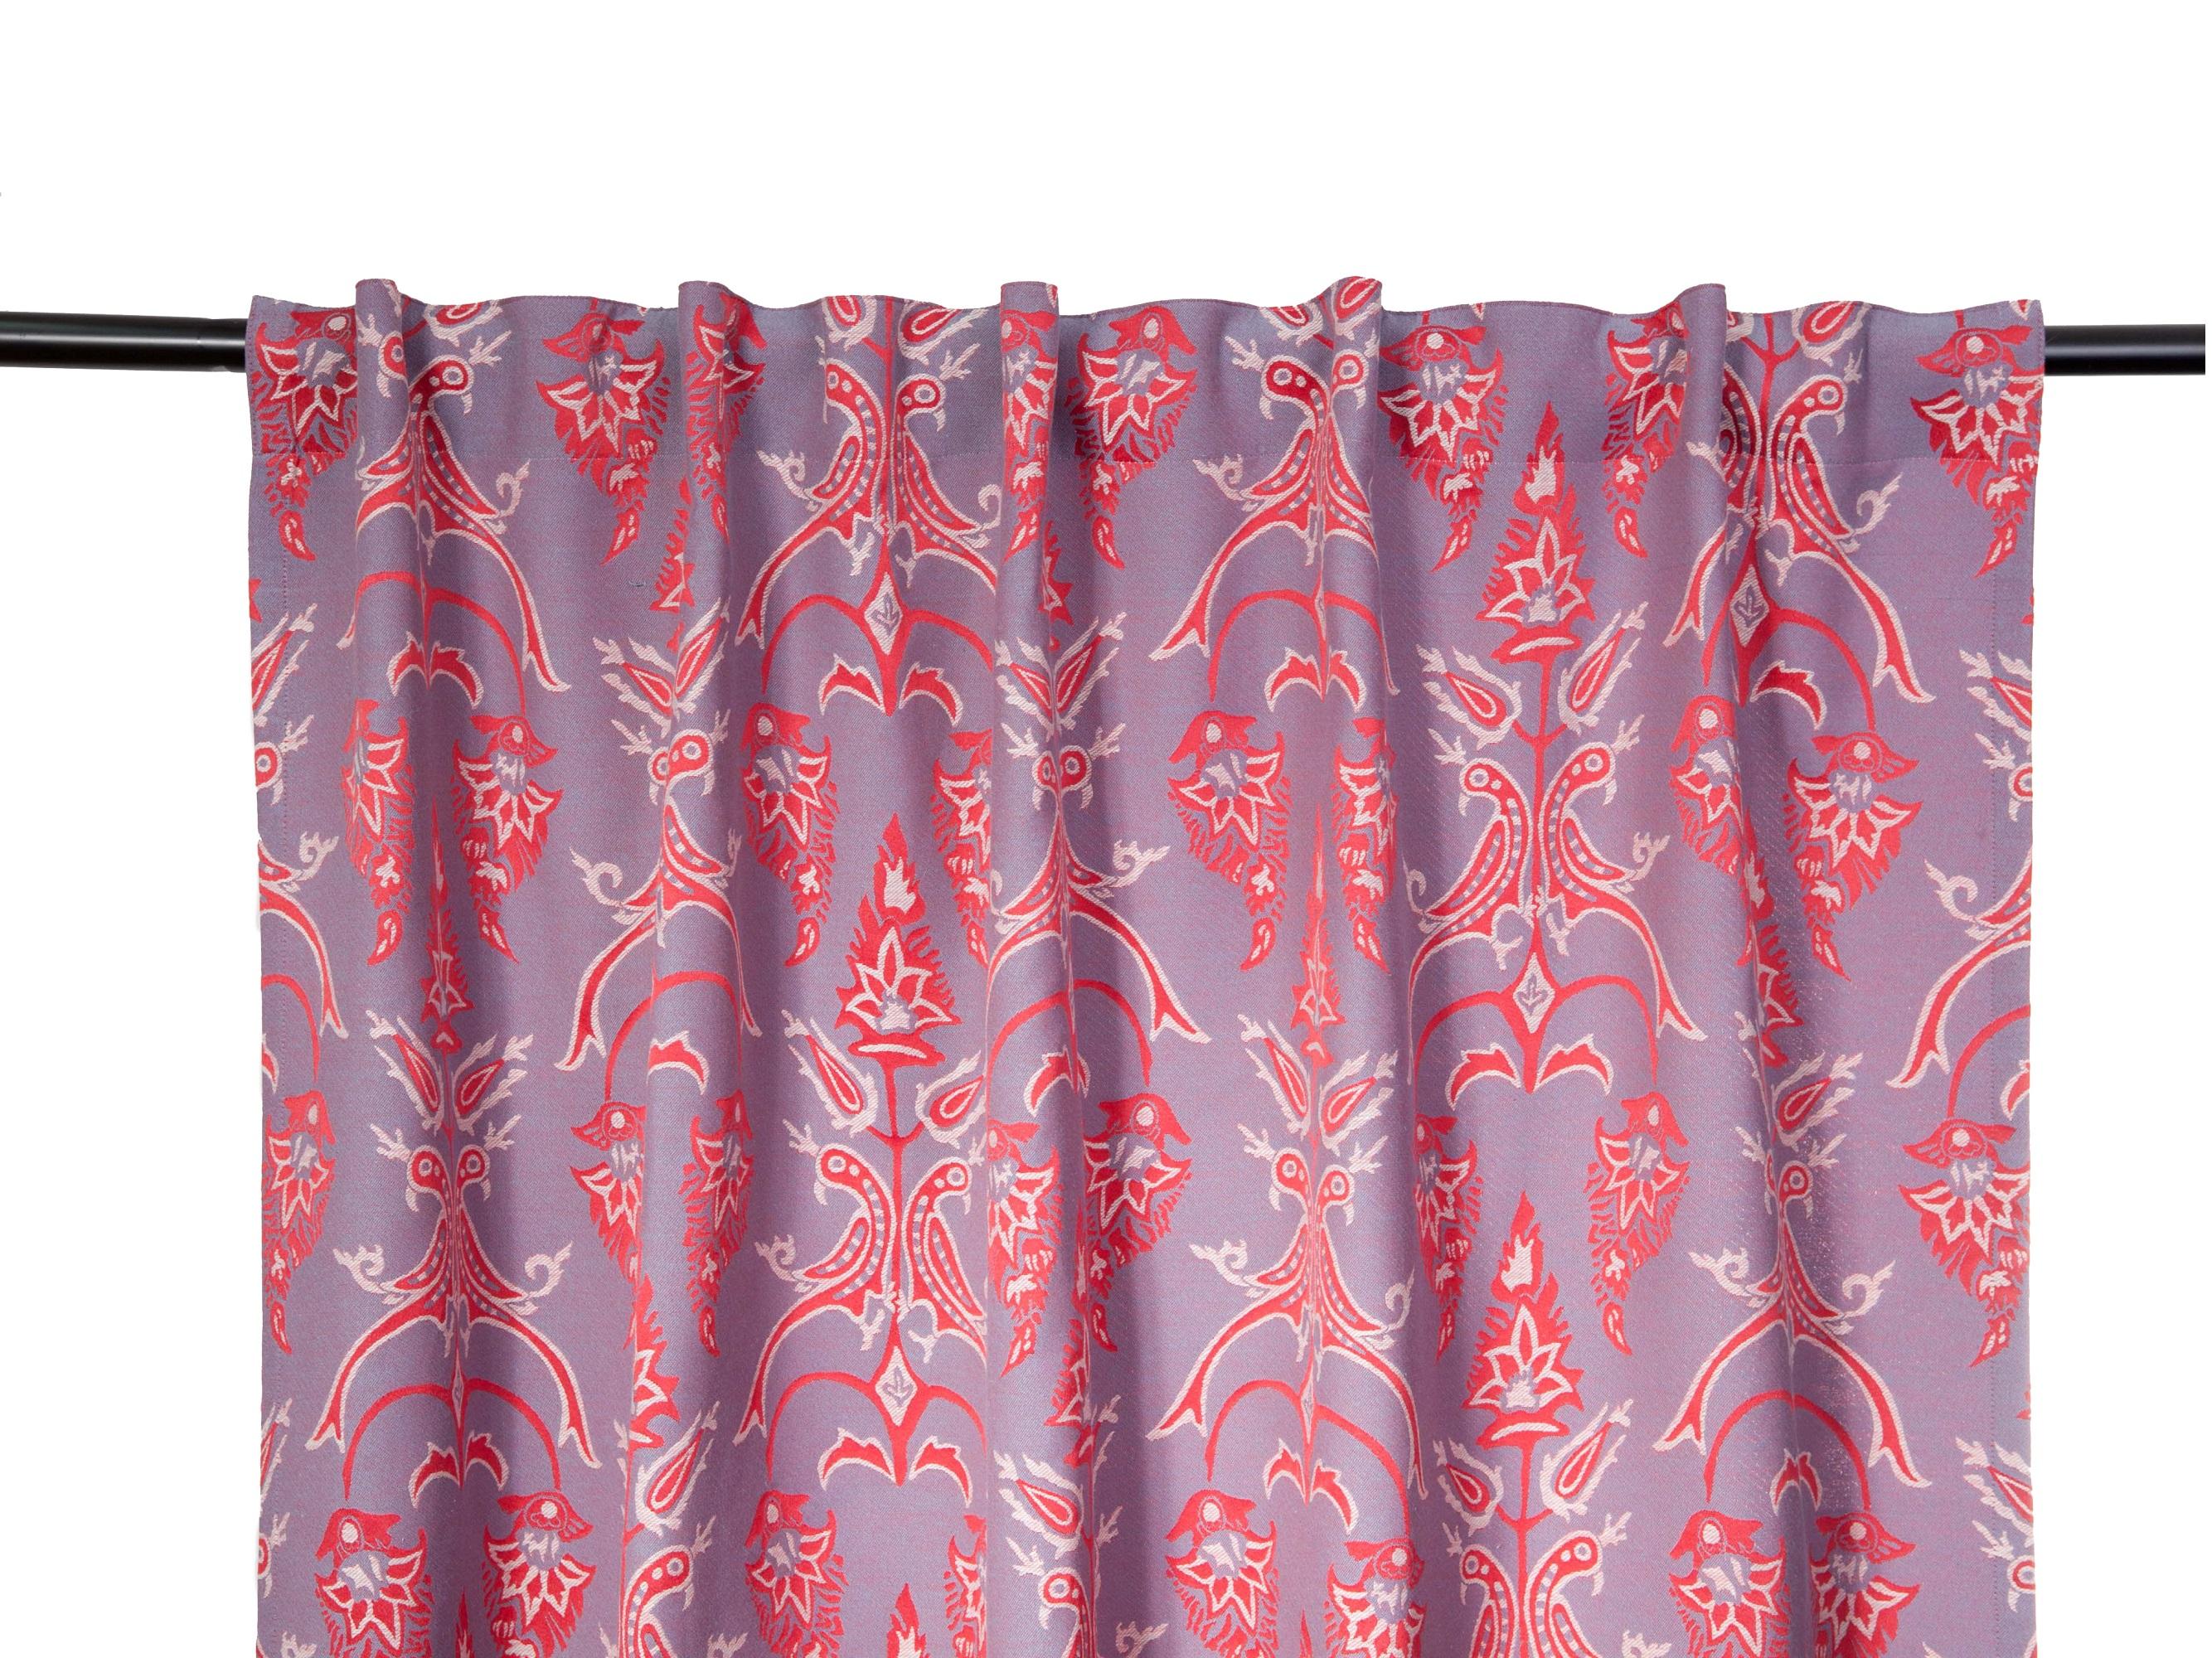 Комплект штор ПтицыШторы<br>Орнамент составлен из повторяющегося мотива, взятого с одной из персидских текстильных панелей 18 века. Птицы, сидящие на ветке, отвернулись друг от друга и увлеченно рассматривают свои хвосты. В комплект входят два полотна на шторной ленте с 3-мя вариантами сборки. Открытый низ, оставлет возможность подшить необходимую высоту. Можно стирать в стиральной машине. Состав : 68% хлопок, 32% полиэфир.